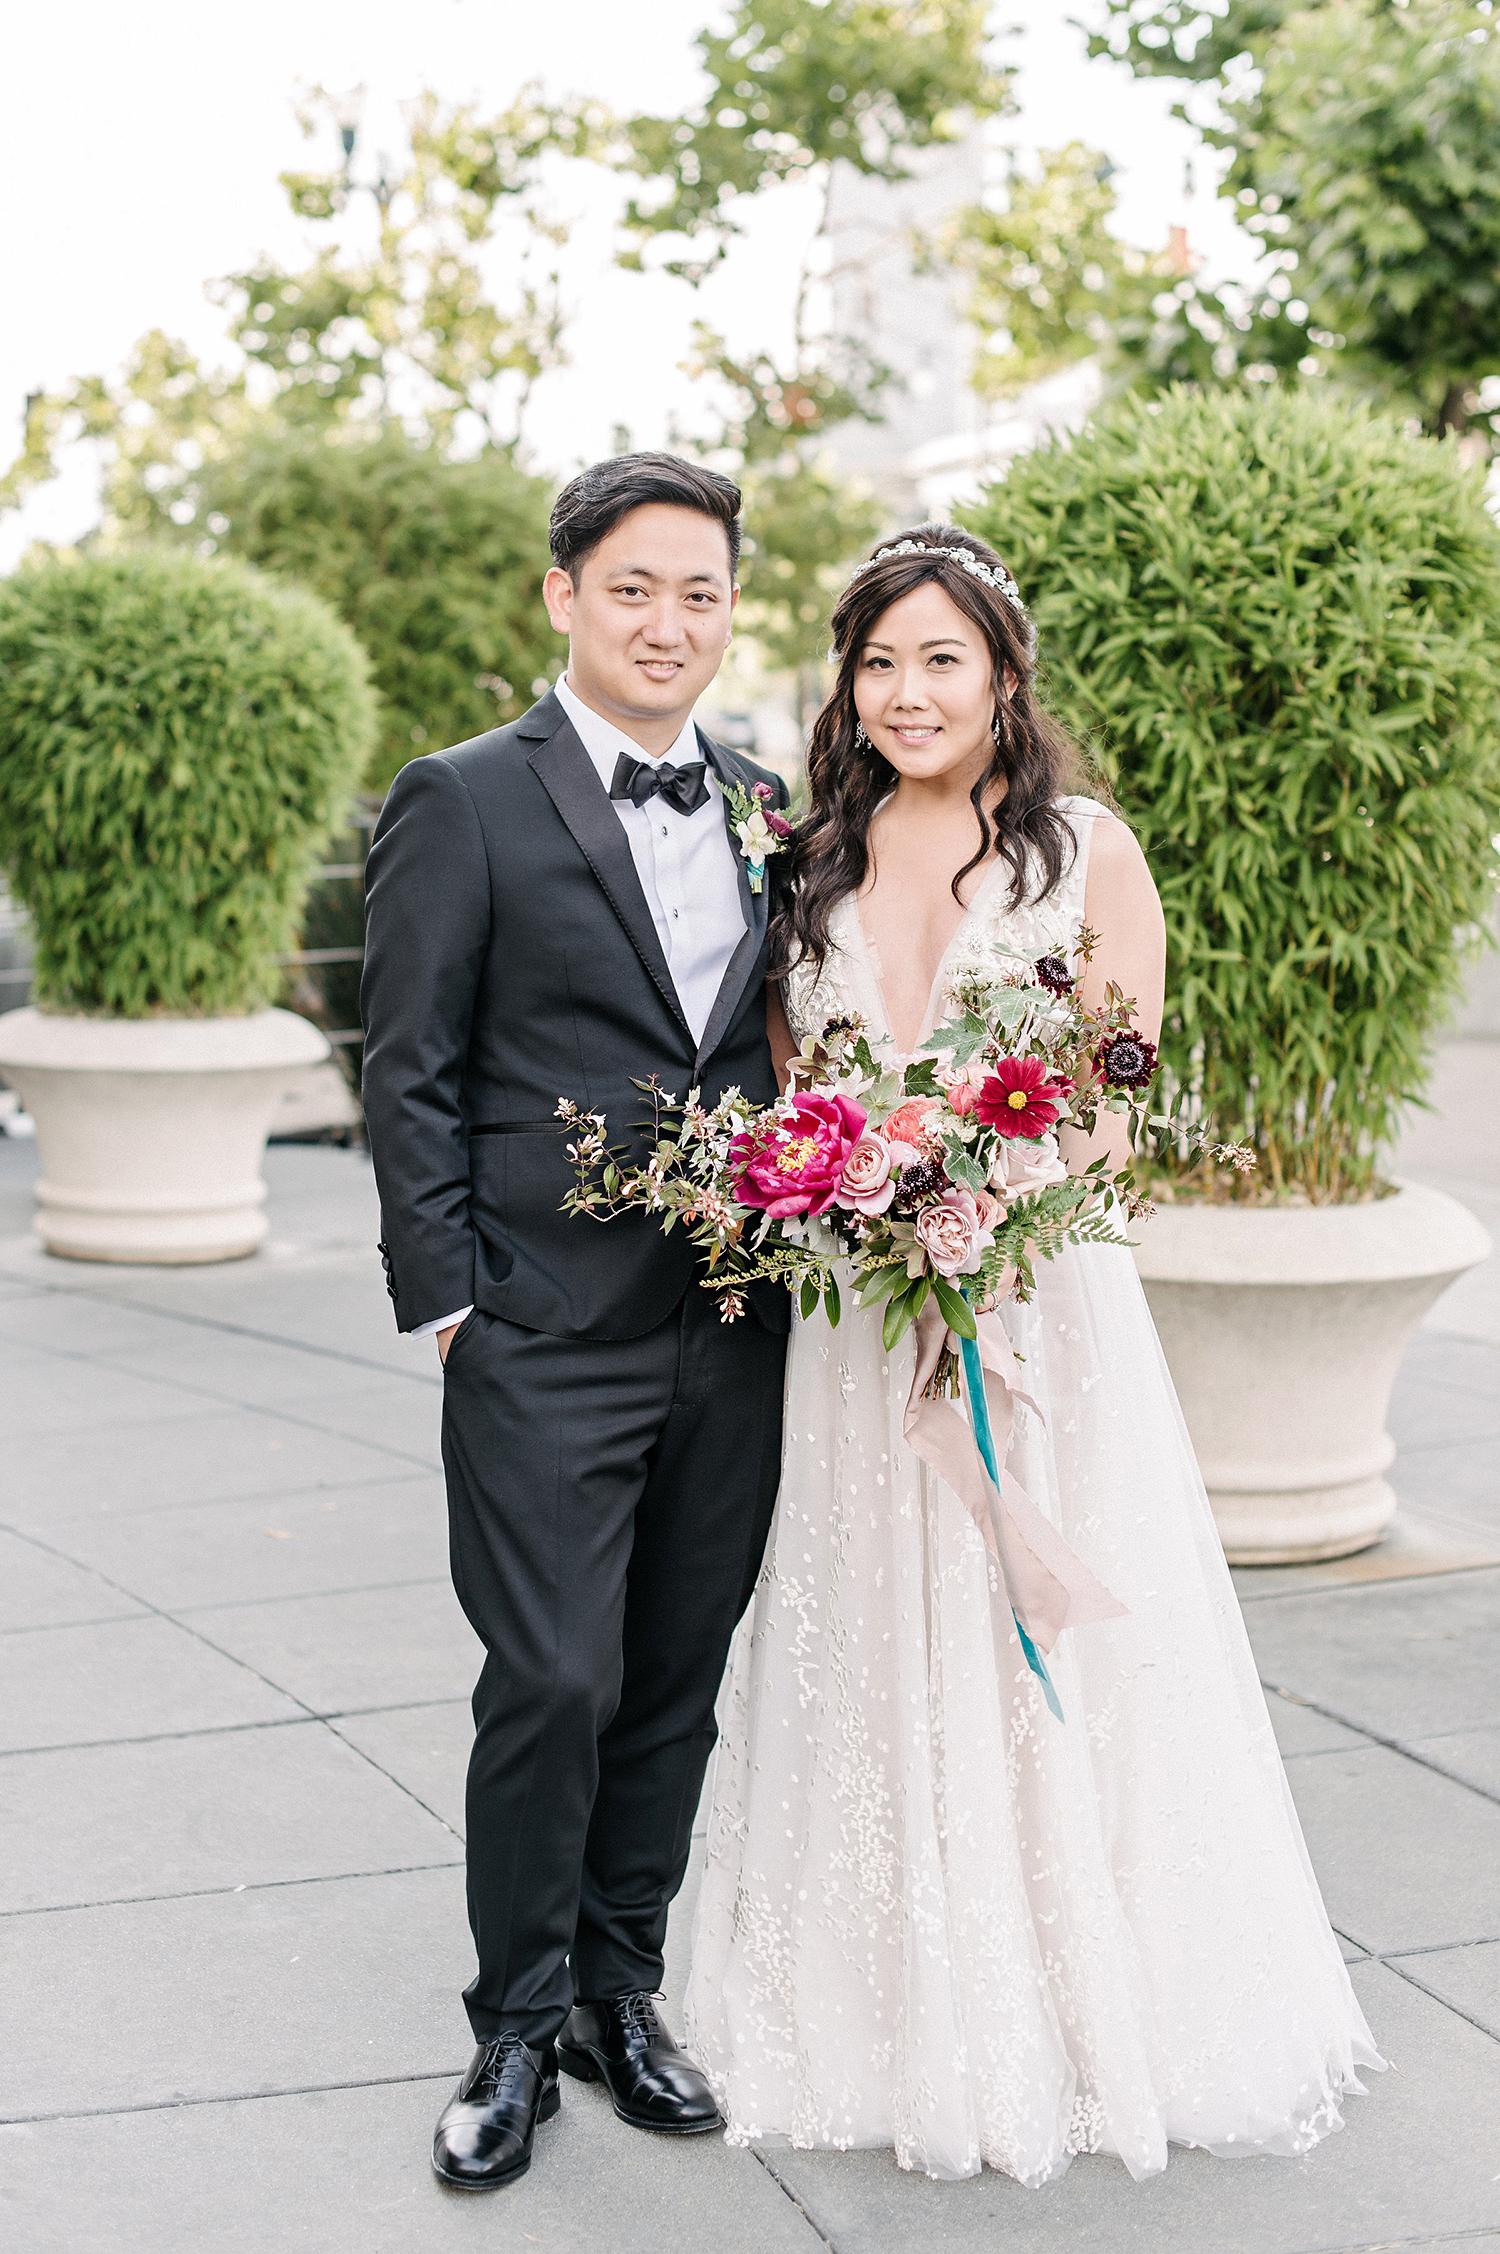 stephanie tim wedding couple portrait